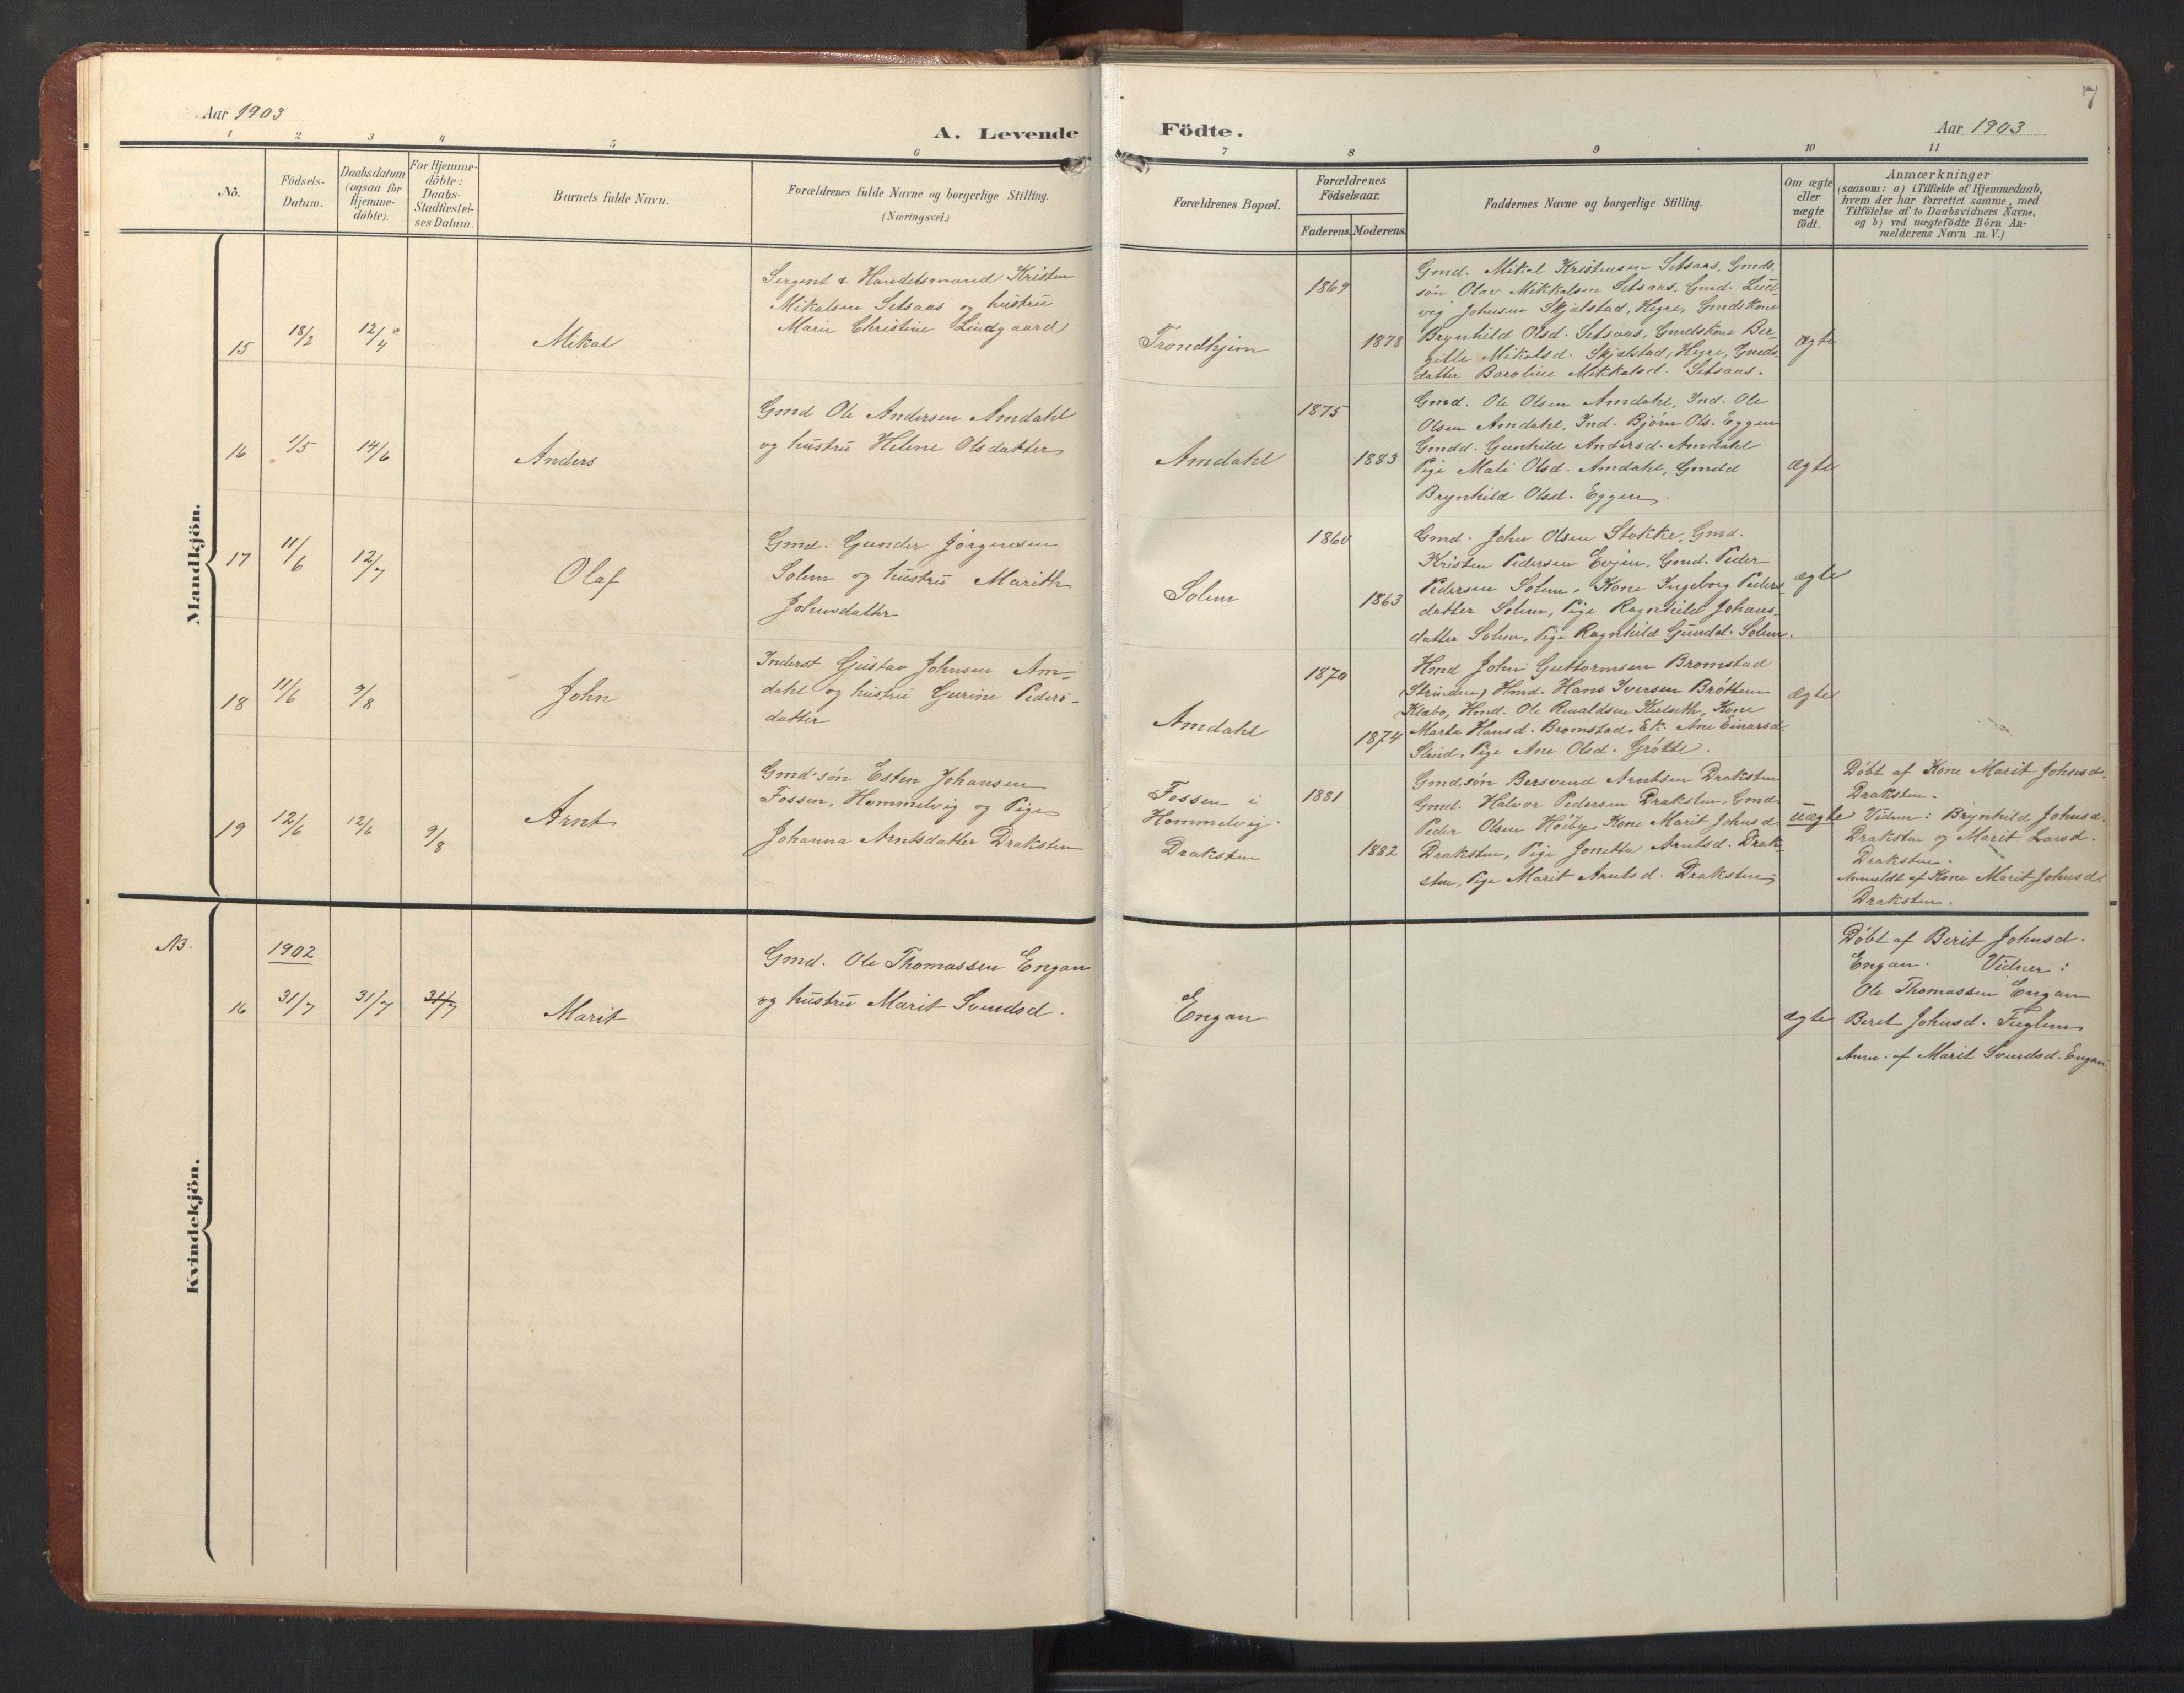 SAT, Ministerialprotokoller, klokkerbøker og fødselsregistre - Sør-Trøndelag, 696/L1161: Klokkerbok nr. 696C01, 1902-1950, s. 7